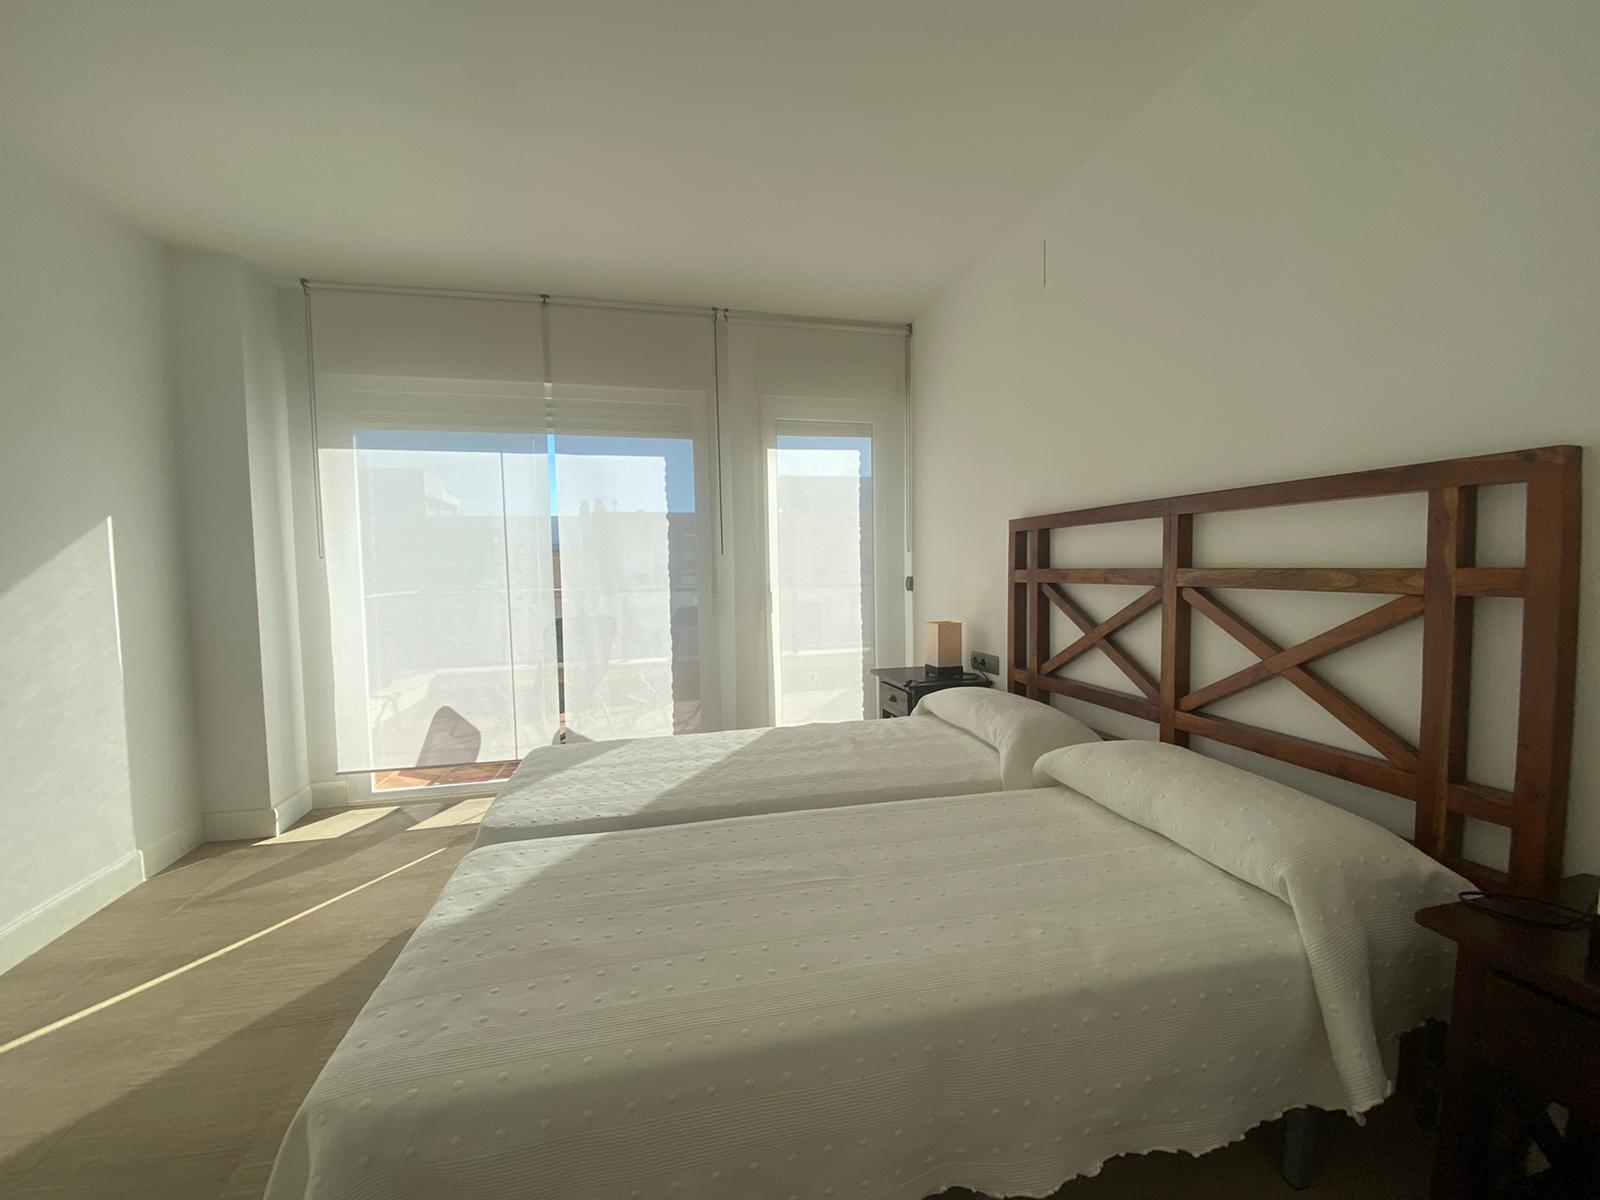 Imagen 34 del Apartamento Turístico, Ático 1 Levante (3d+2b), Punta del Moral (HUELVA), Paseo de la Cruz nº22